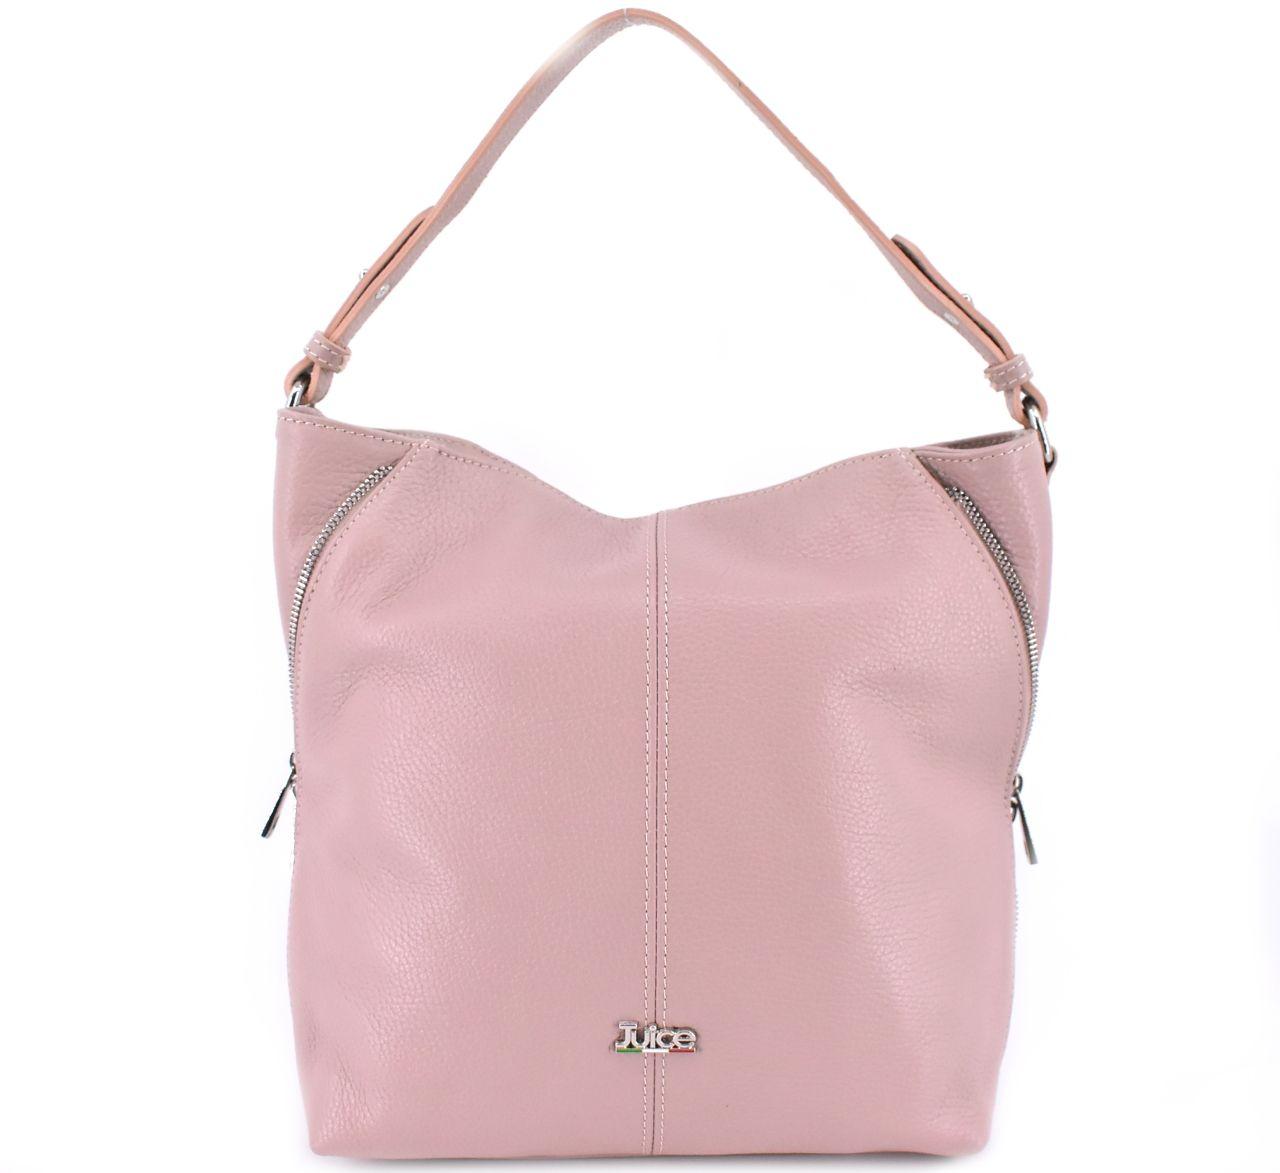 Dámská kožená kabelka Juice - růžová pudrová 112172